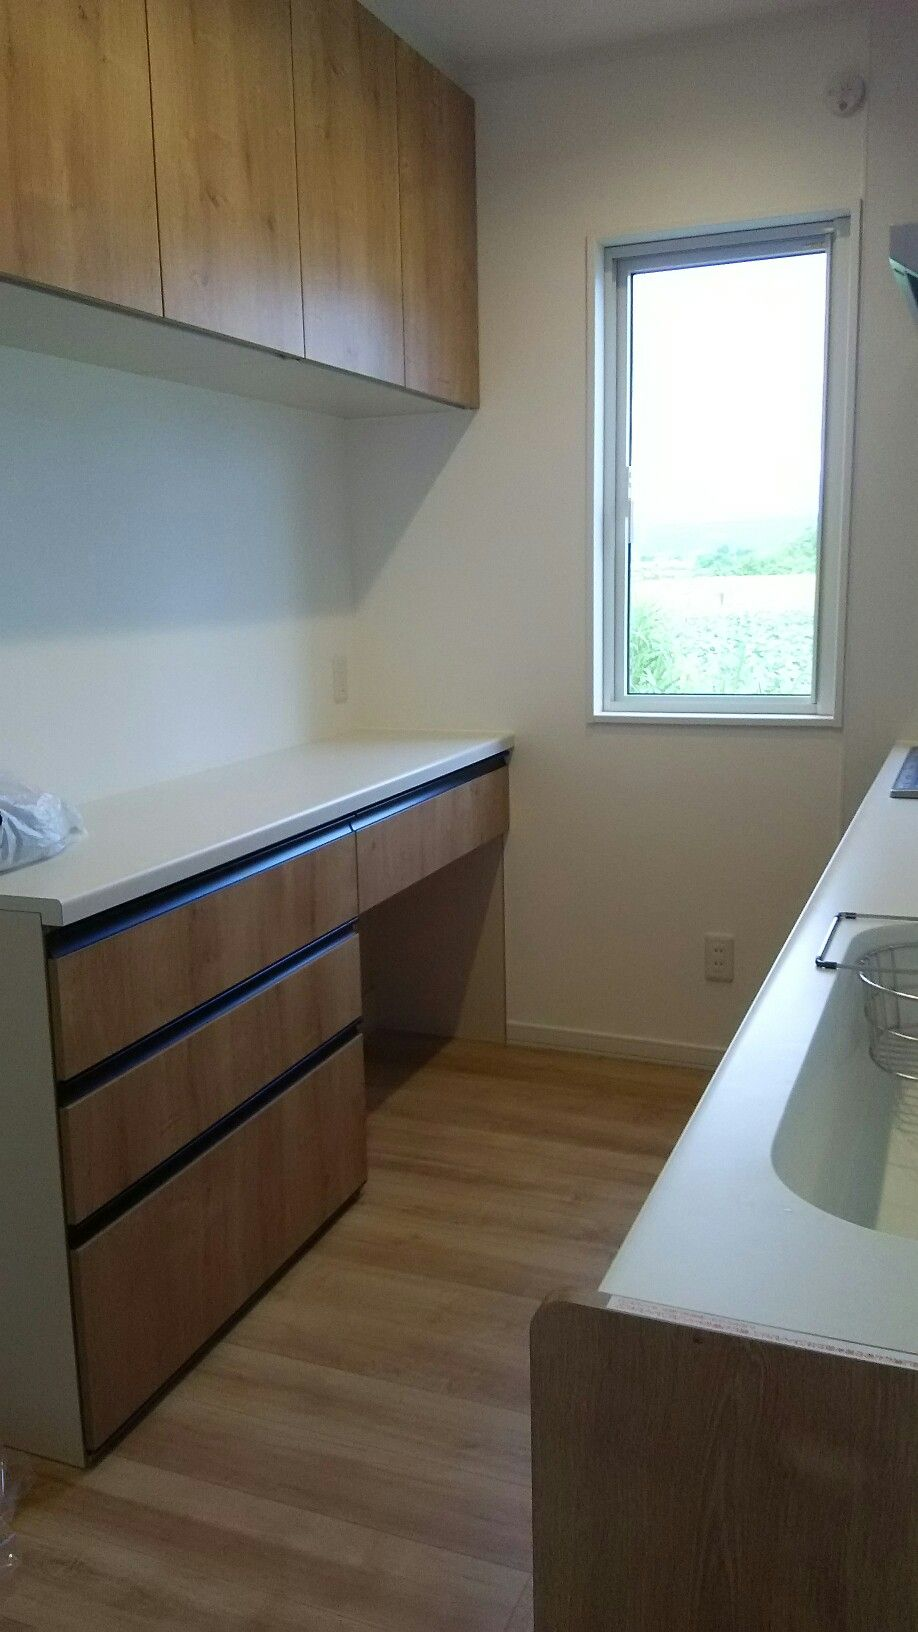 Lixilアレスタ ライトグレイン 床 Dフロアメープル アレスタ 内装 キッチン カップボード